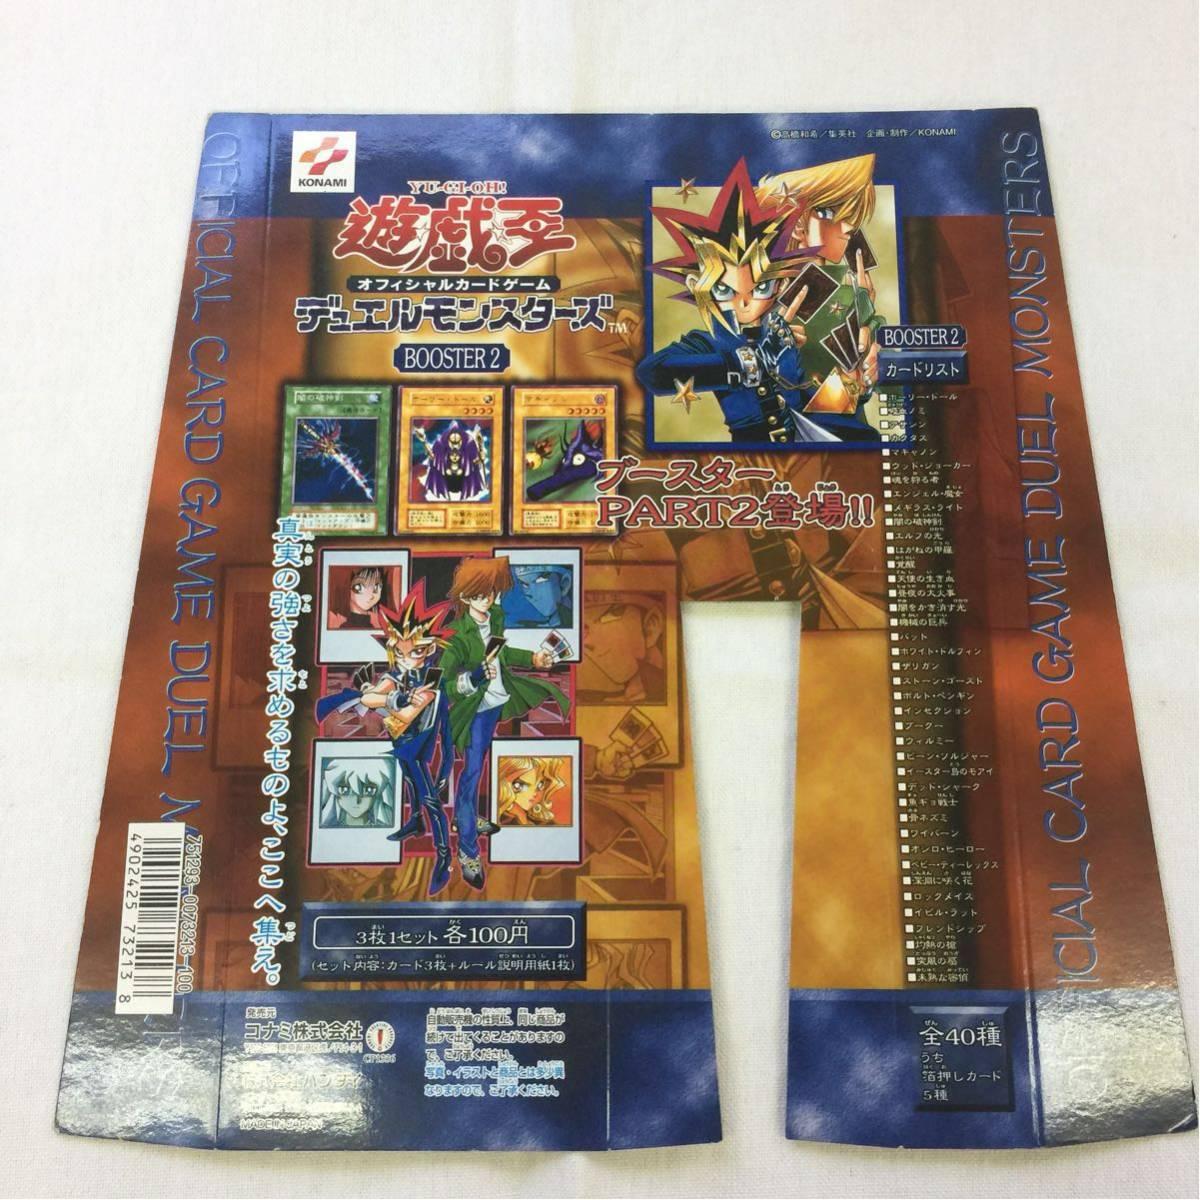 【送料無料】台紙 遊戯王 デュエルモンスターズ booster2 ディスプレイ 2枚セット / コナミ KONAMI 当時物 カードダス_画像2